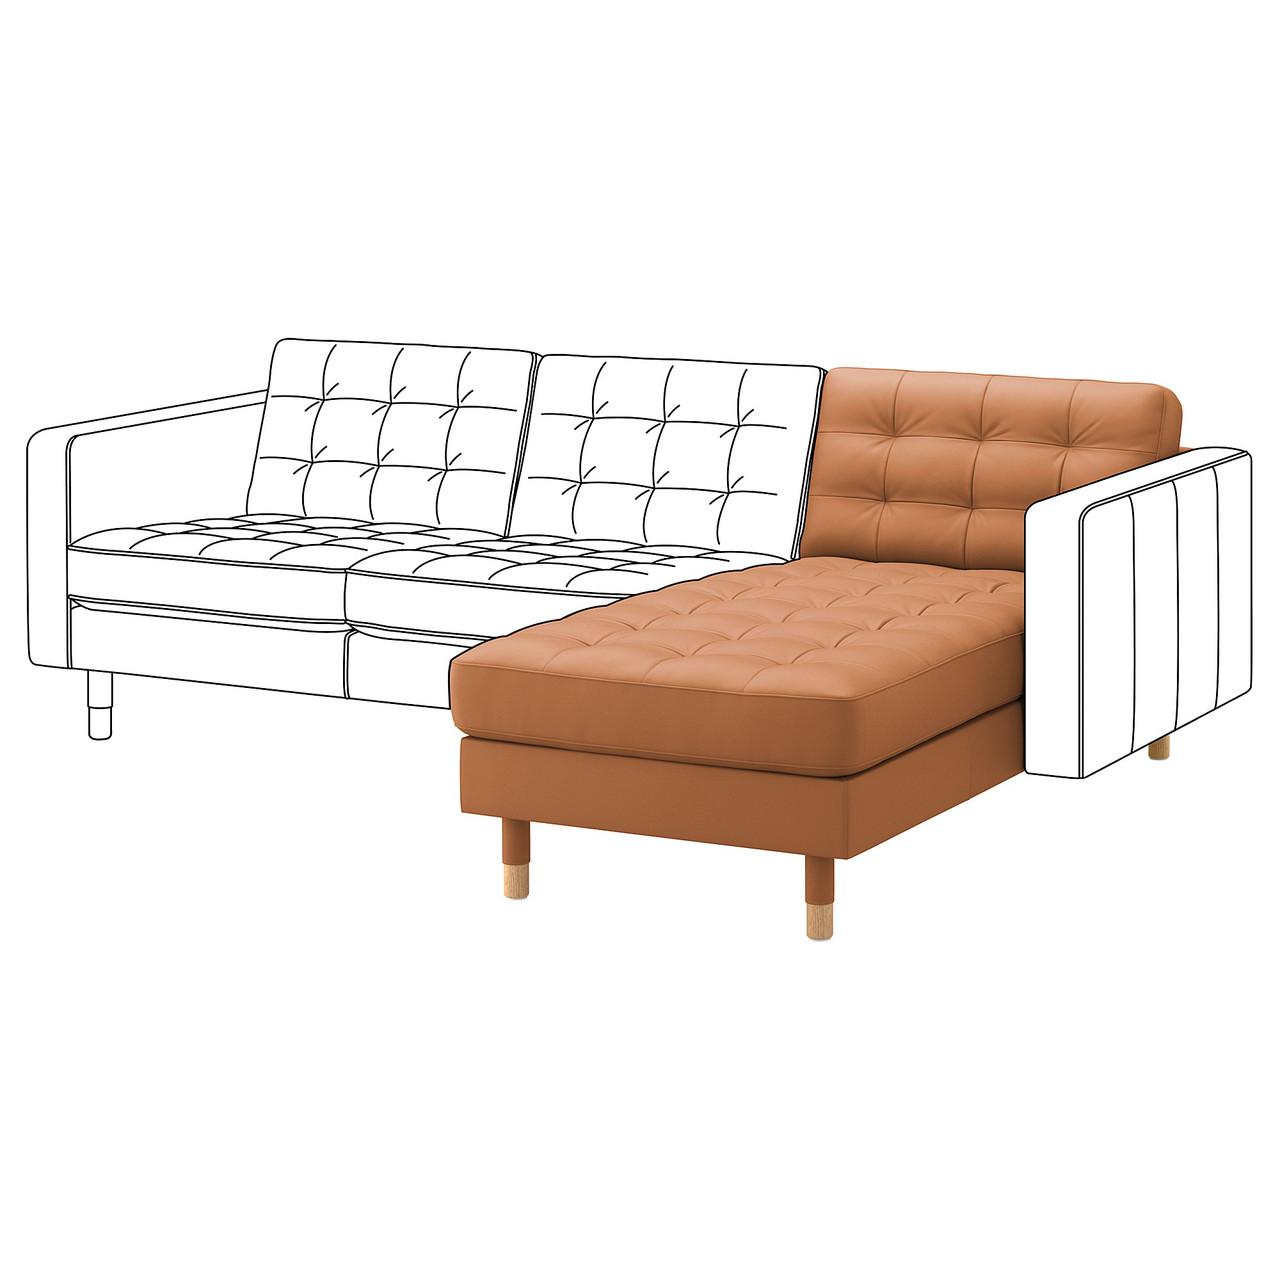 Шезлонг / часть модульного дивана IKEA LANDSKRONA Grann Bomstad коричневый 792.691.80